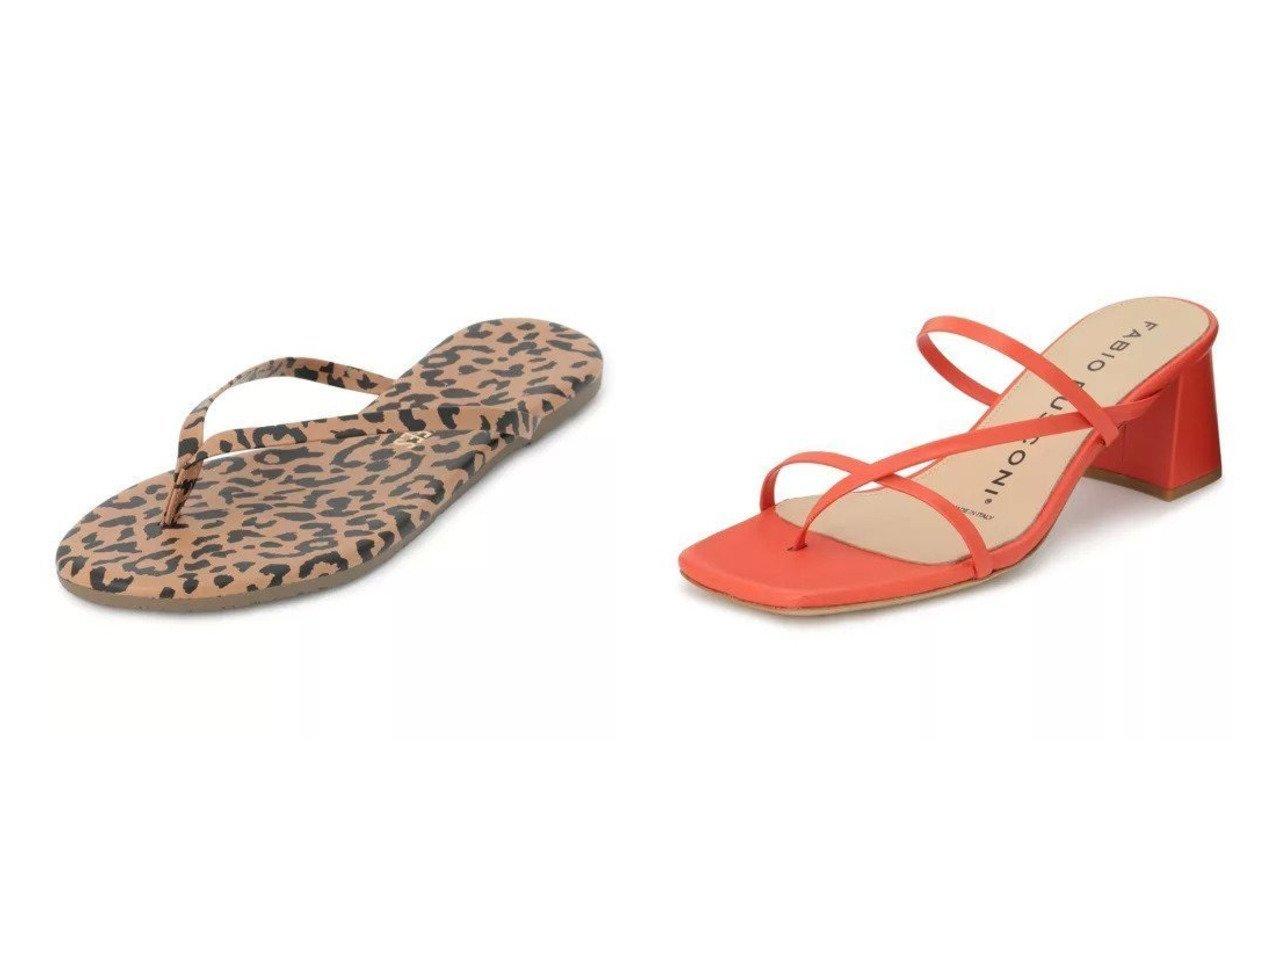 【TKEES/ティキーズ】のレザービーチサンダル(アニマル)&【FABIO RUSCONI/ファビオ ルスコーニ】のスムースレザーサンダル シューズ・靴のおすすめ!人気、トレンド・レディースファッションの通販  おすすめで人気の流行・トレンド、ファッションの通販商品 メンズファッション・キッズファッション・インテリア・家具・レディースファッション・服の通販 founy(ファニー) https://founy.com/ ファッション Fashion レディースファッション WOMEN アニマル サンダル シューズ ビーチ フラット ラグジュアリー リゾート ラップ |ID:crp329100000019255